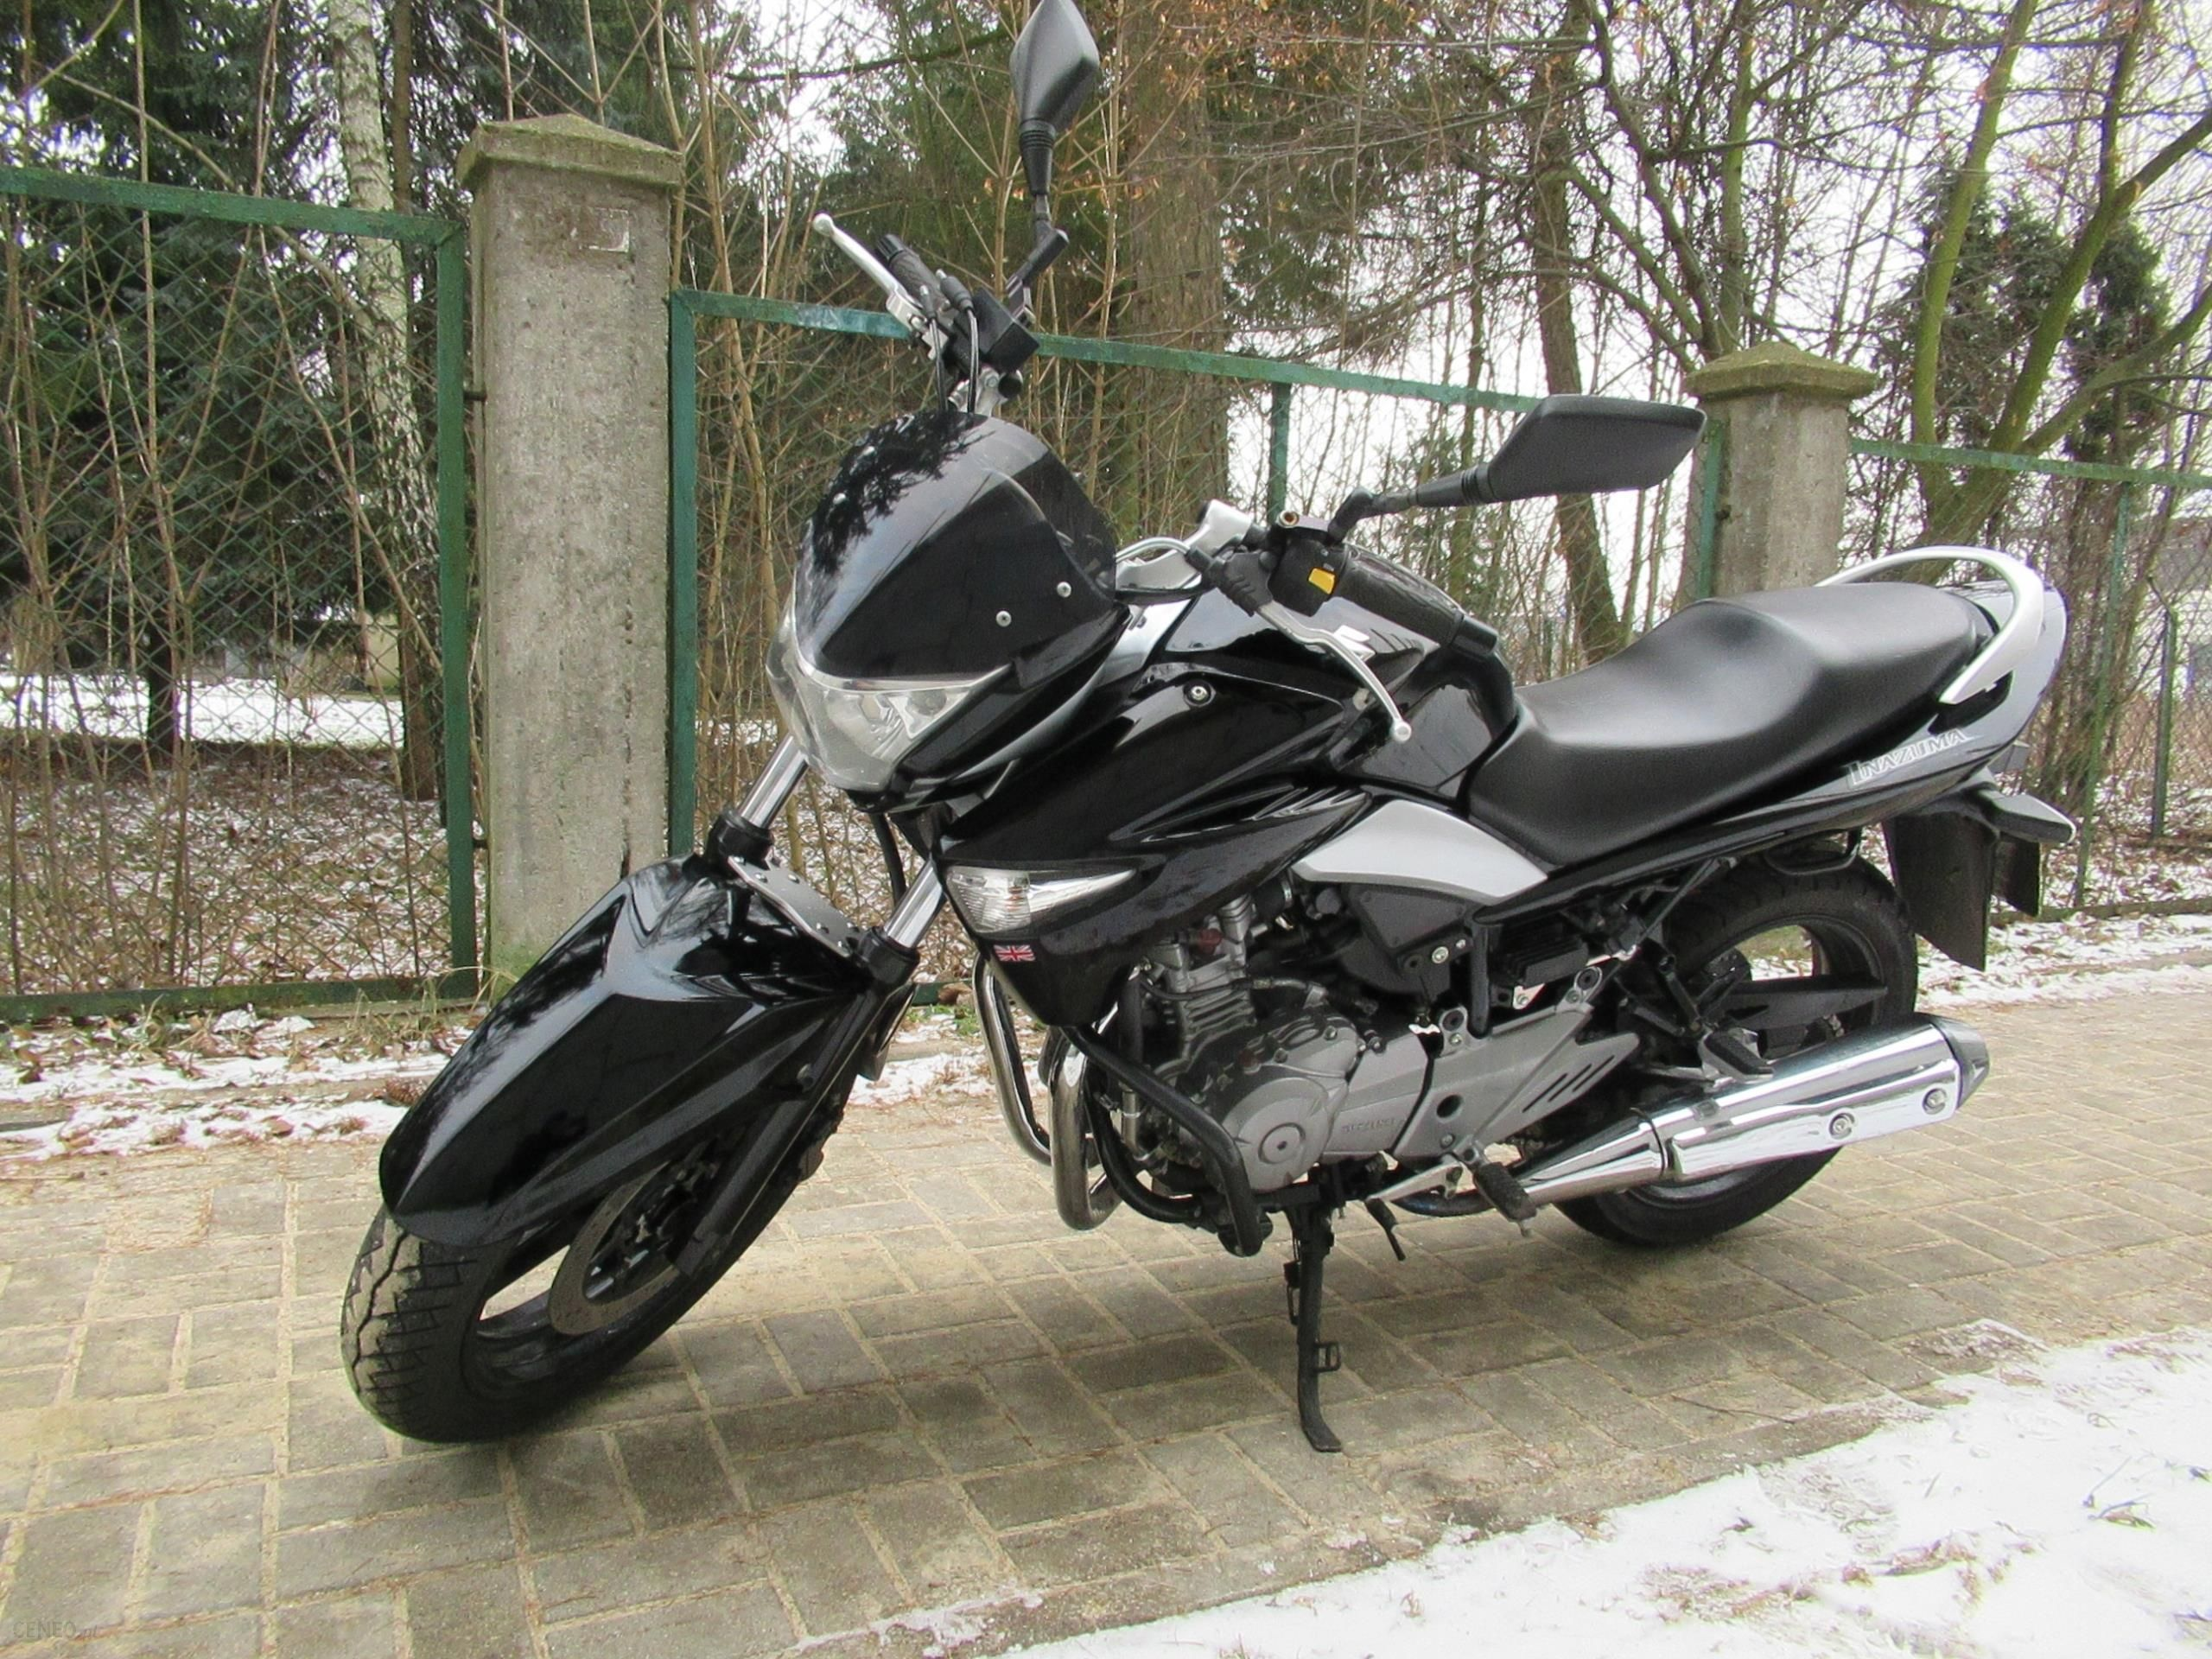 Suzuki Gw 250 Inazuma 2014 Rok Opinie I Ceny Na Ceneo Pl